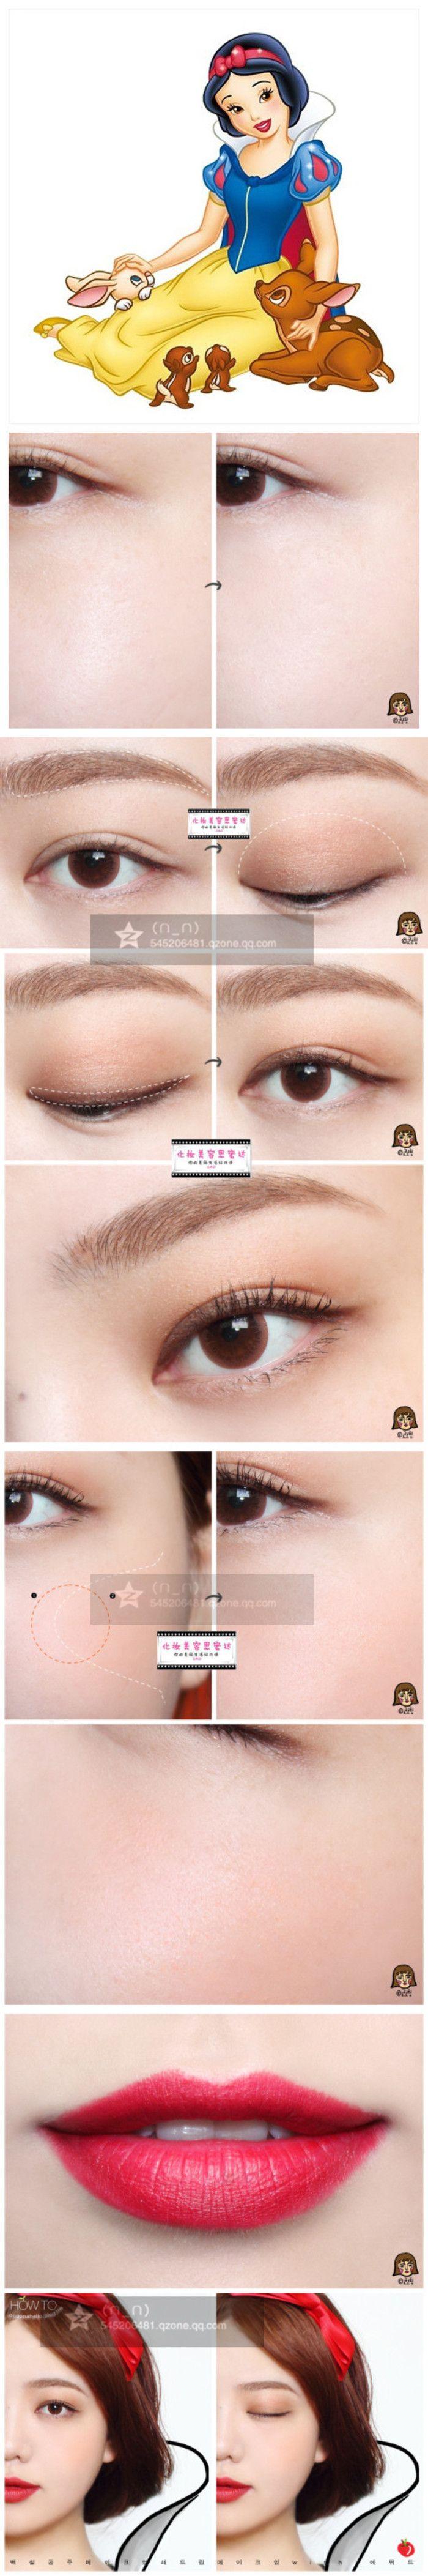 snow white makeup tutorial